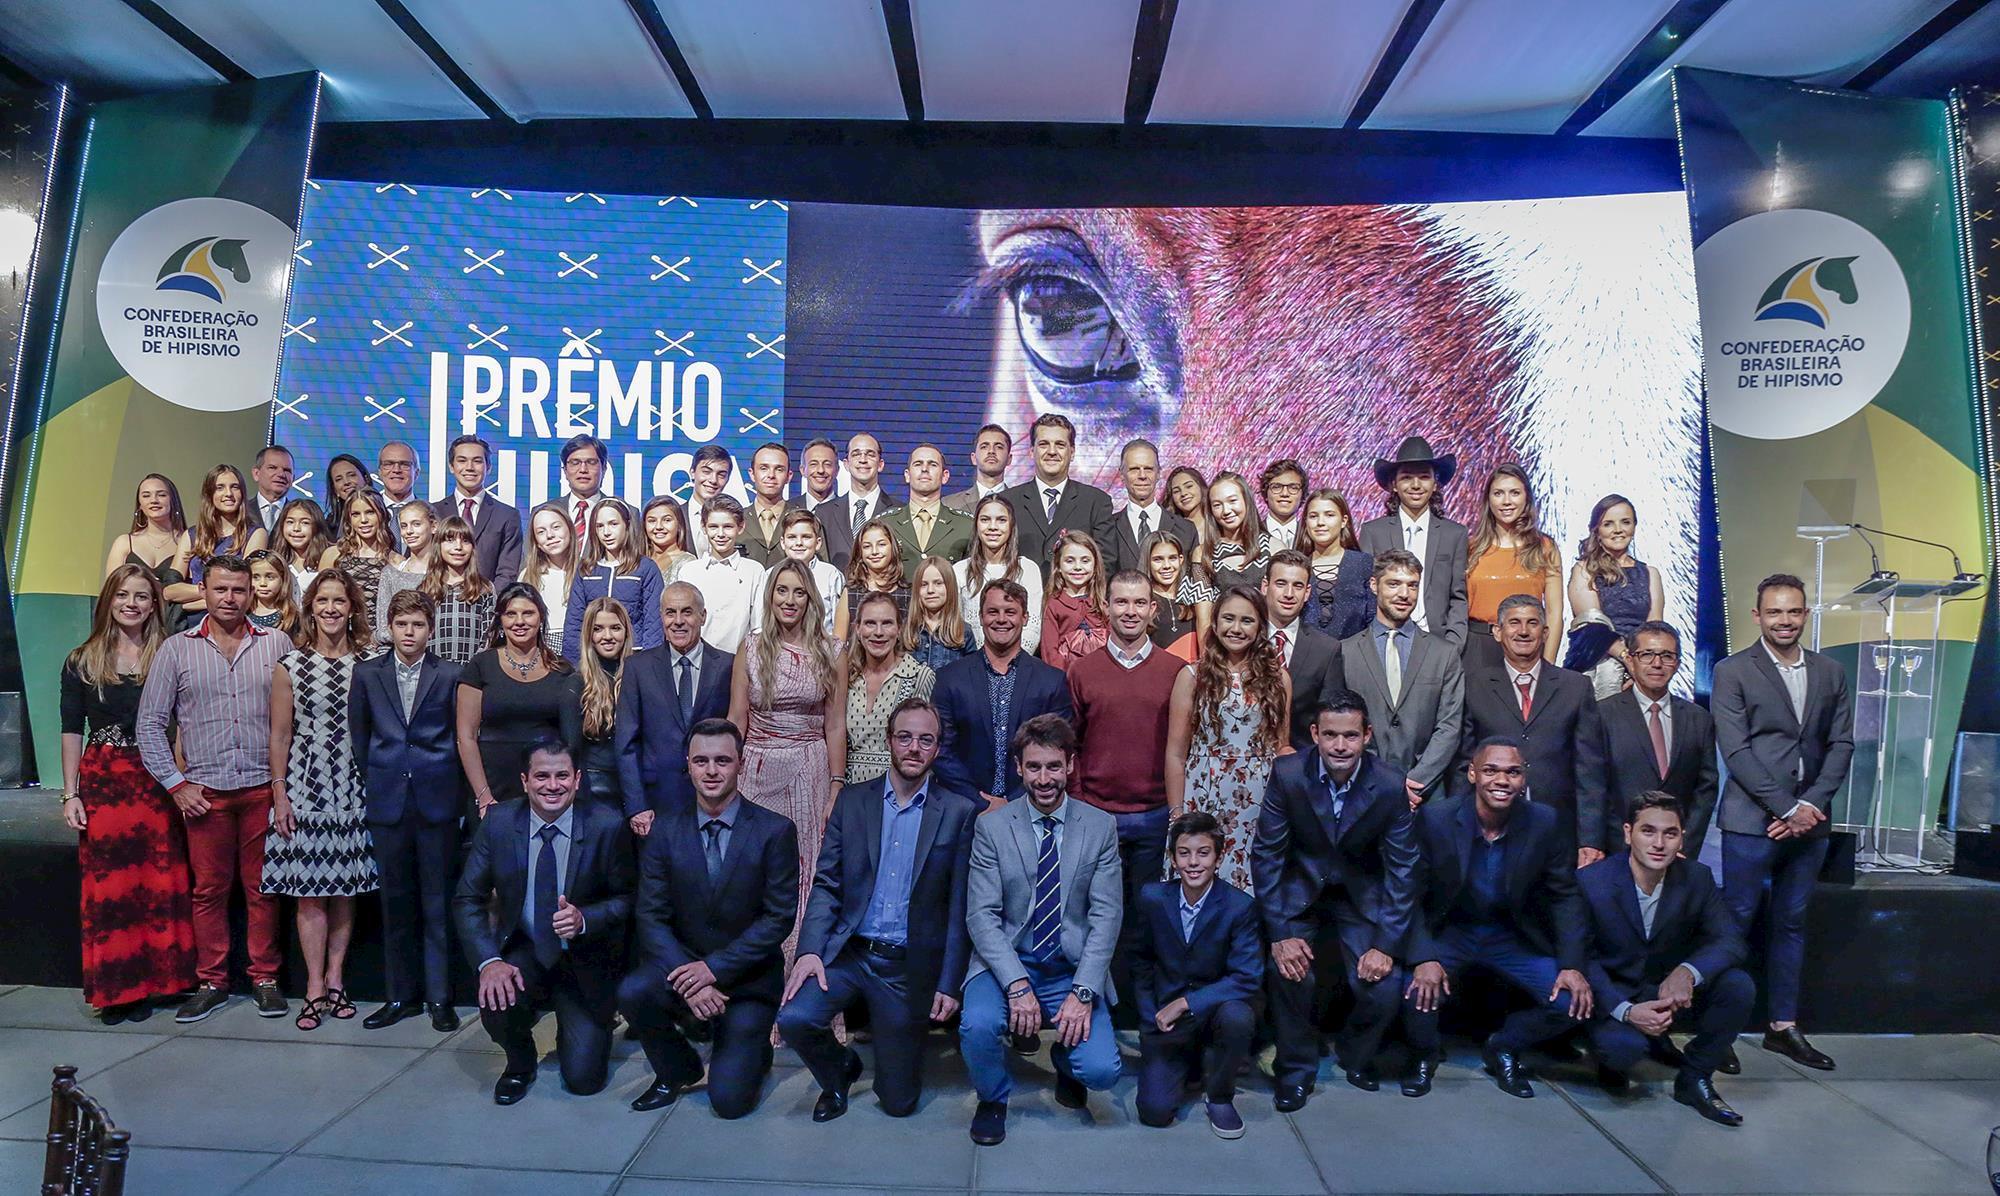 premio hipismo cbh 2019, Salto, Atrelagem, CBH, Rédeas, Volteio, Paraequestres, Adestramento, Tambor, Hípica, (Marcelo Pereira)